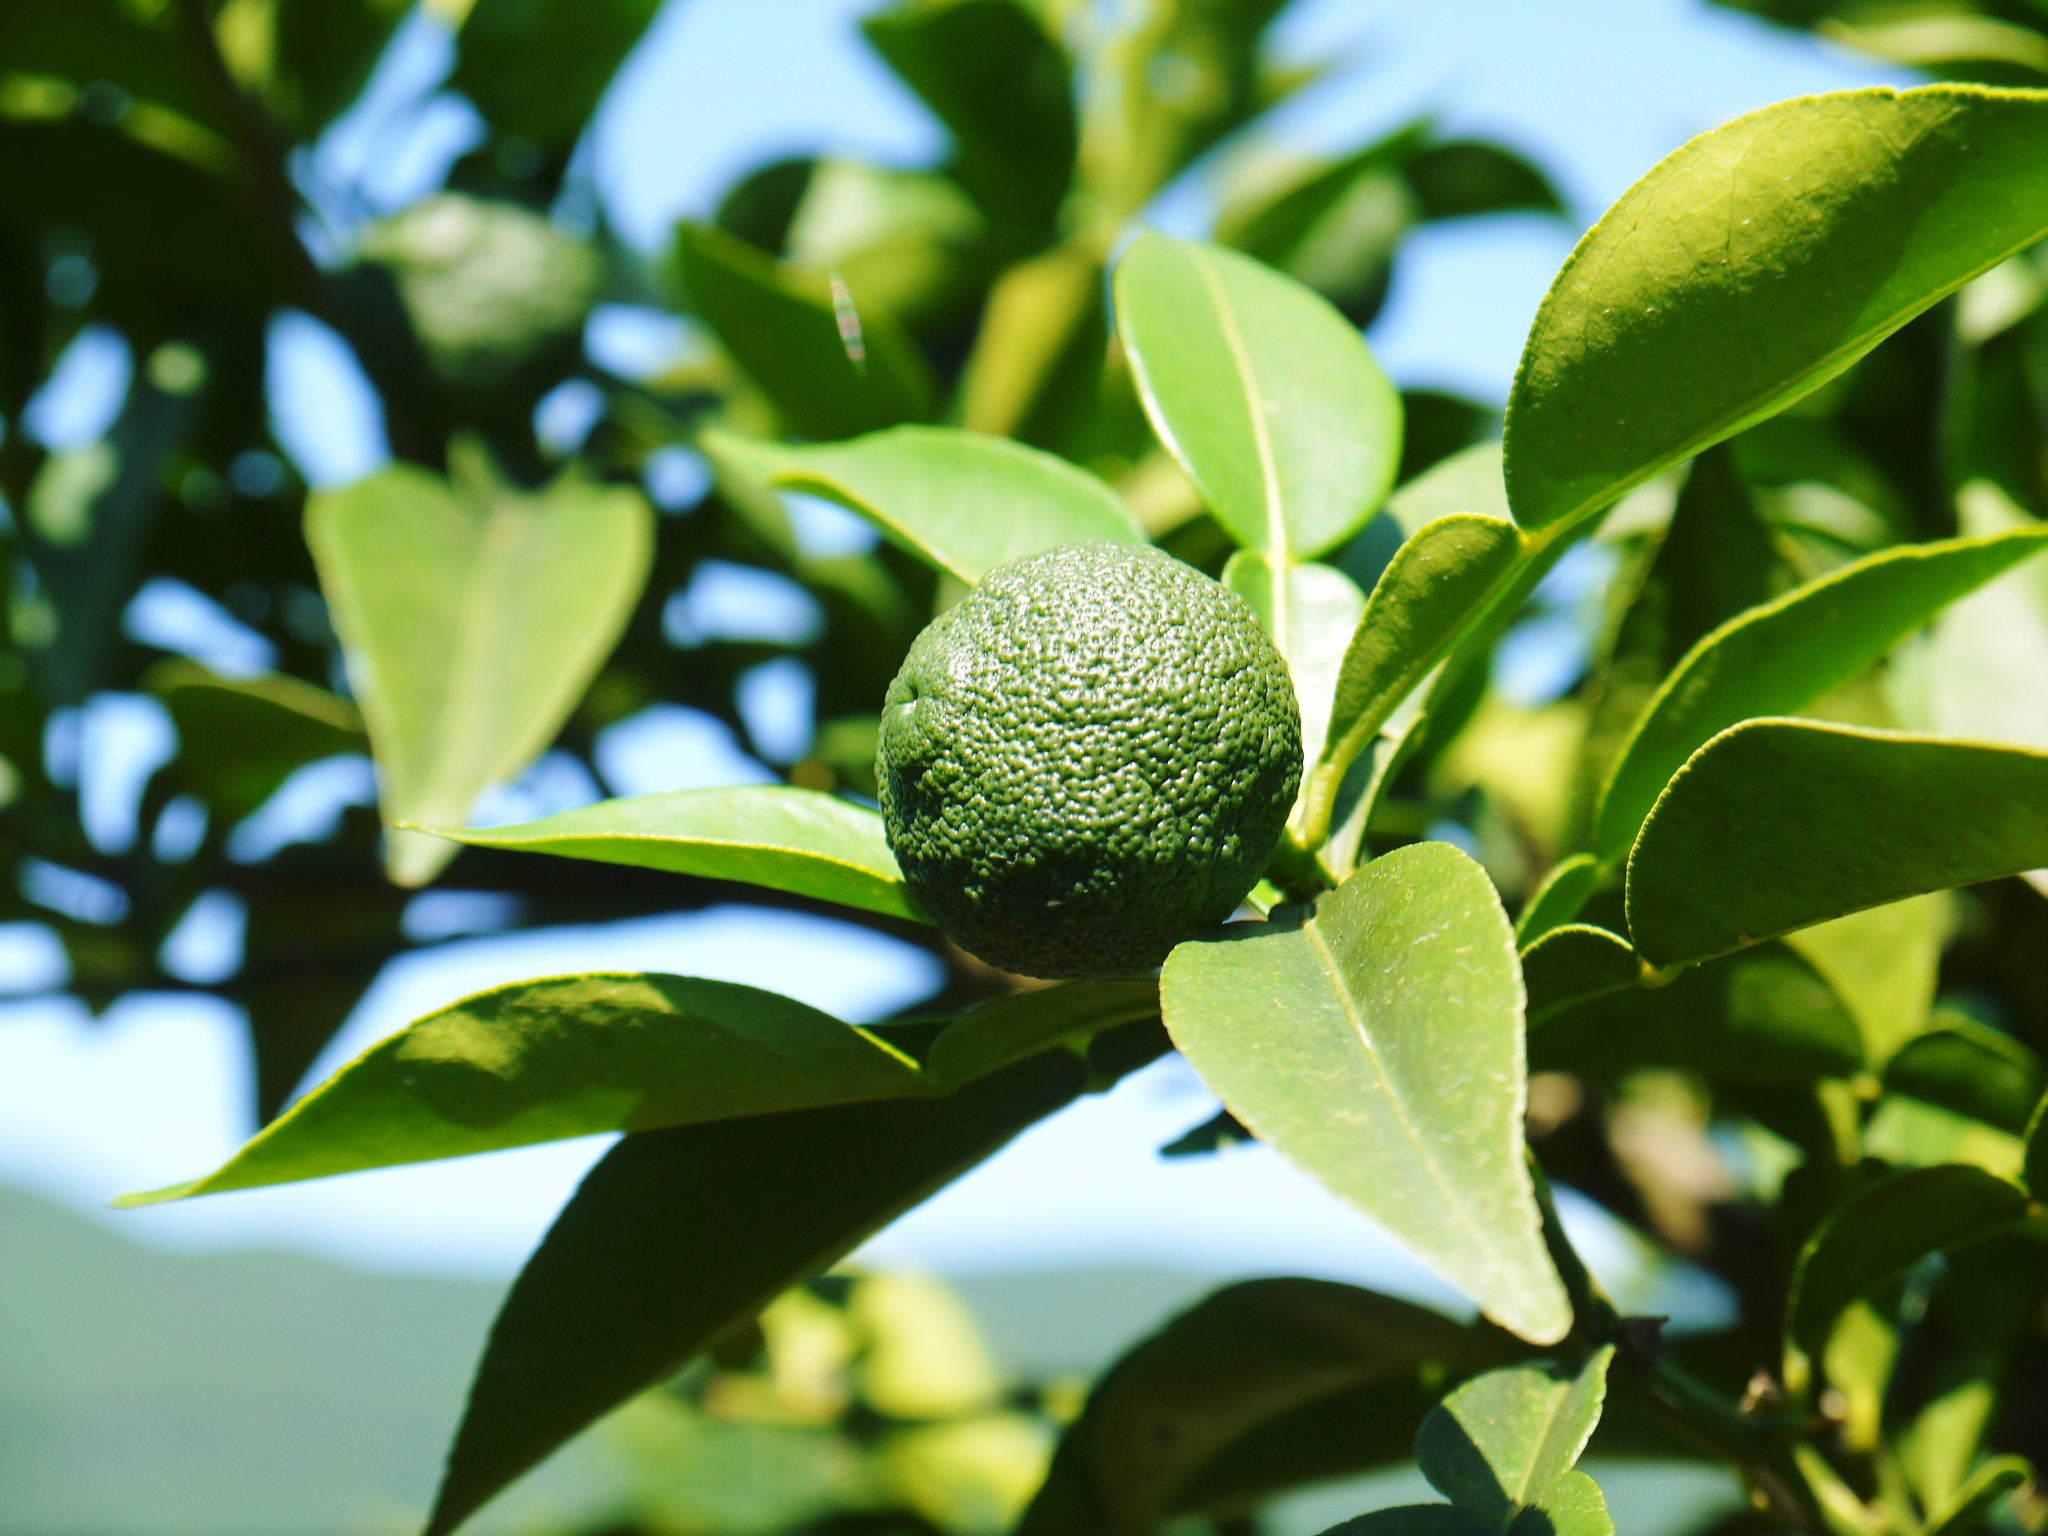 令和2年度の香り高き『青柚子』予約販売受付スタート!手作り「柚子こしょう」を作ってみませんか?_a0254656_17330391.jpg